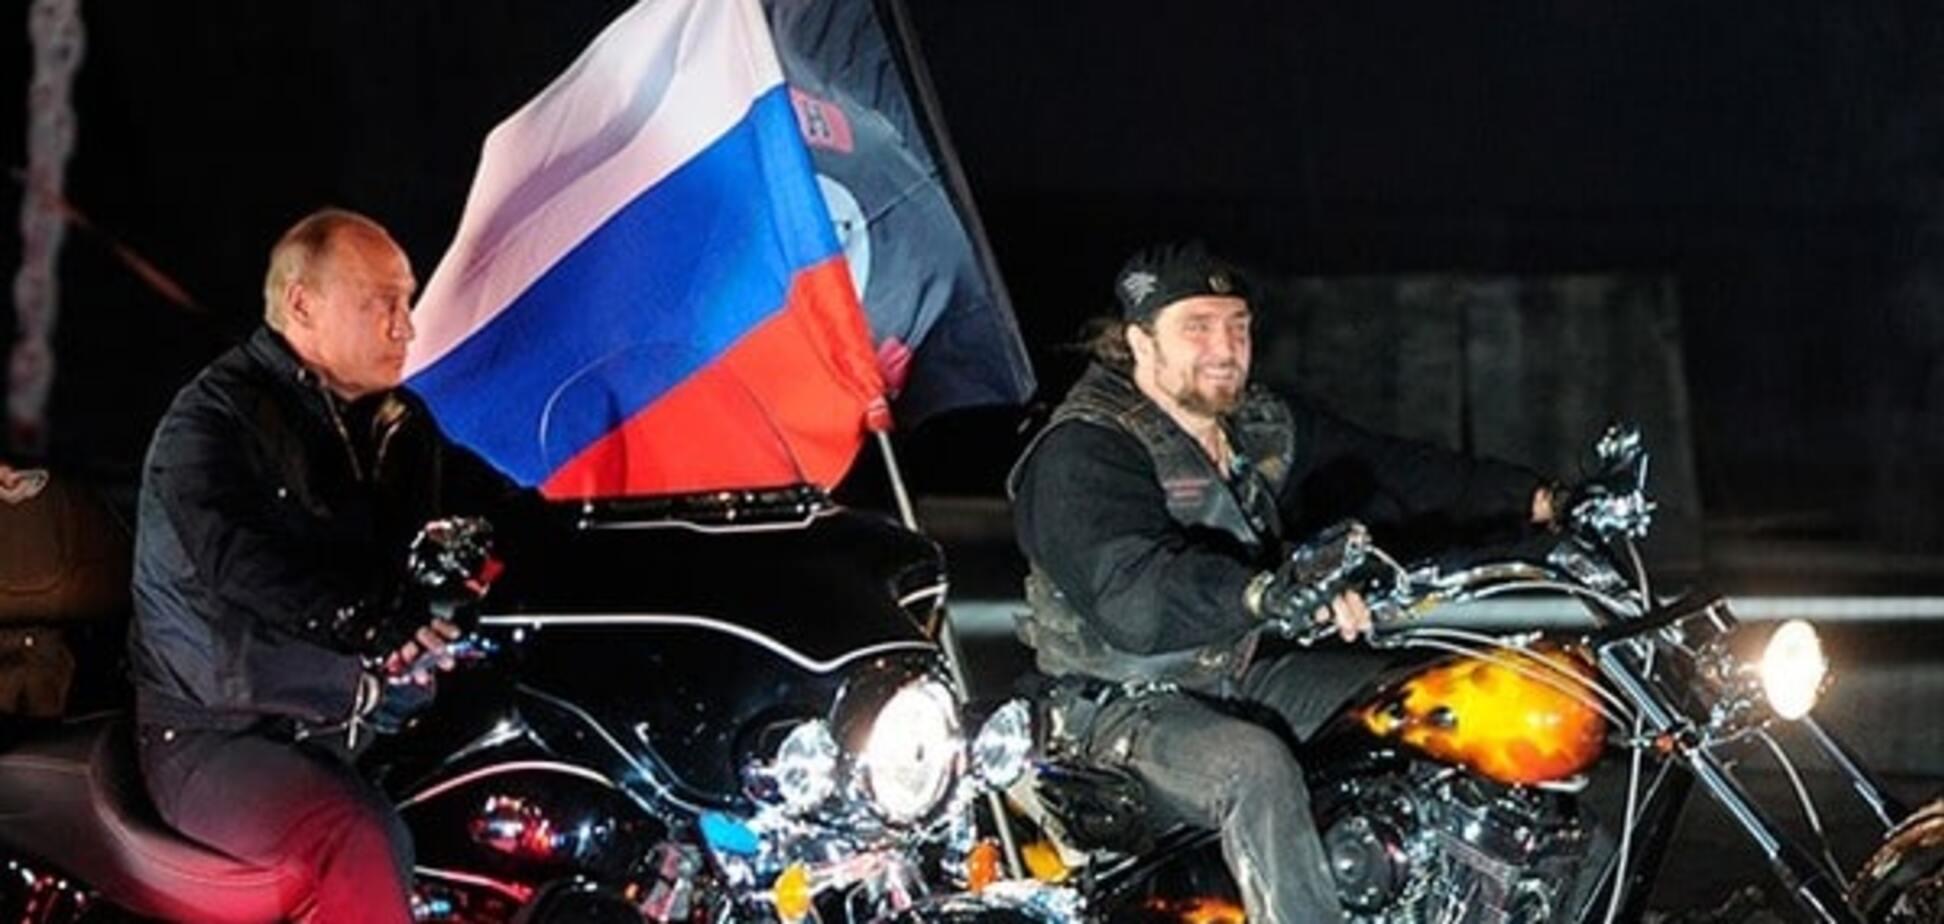 Ялинки і вовки: байкерам Путіна дали $137 тисяч на 'кремлівський' новий рік